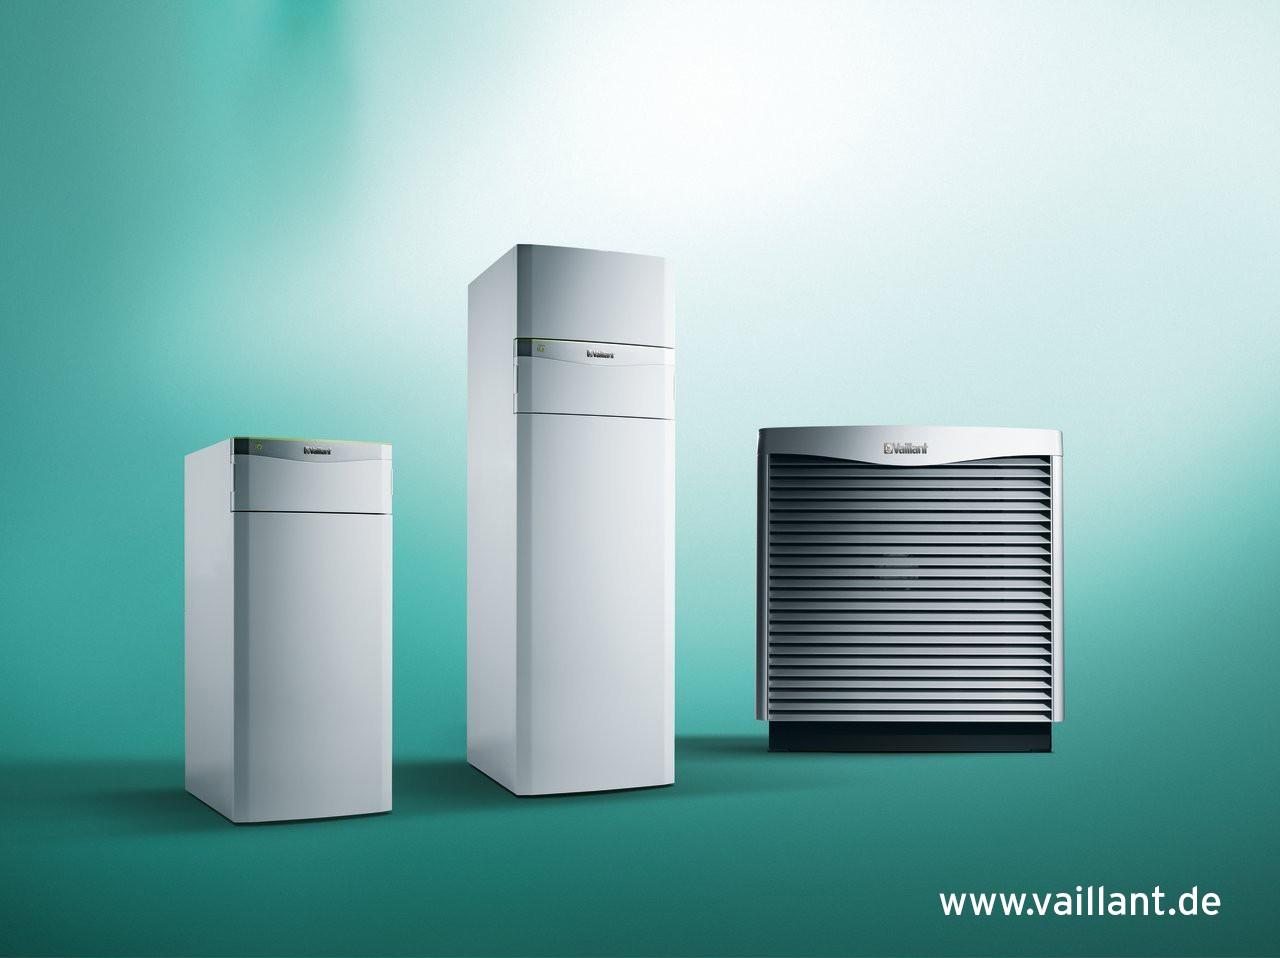 Vaillant VAILLANT Set 4.42 flexoTHERM VWF 87 /4 mit aroCOLLECT Luft/Wasser